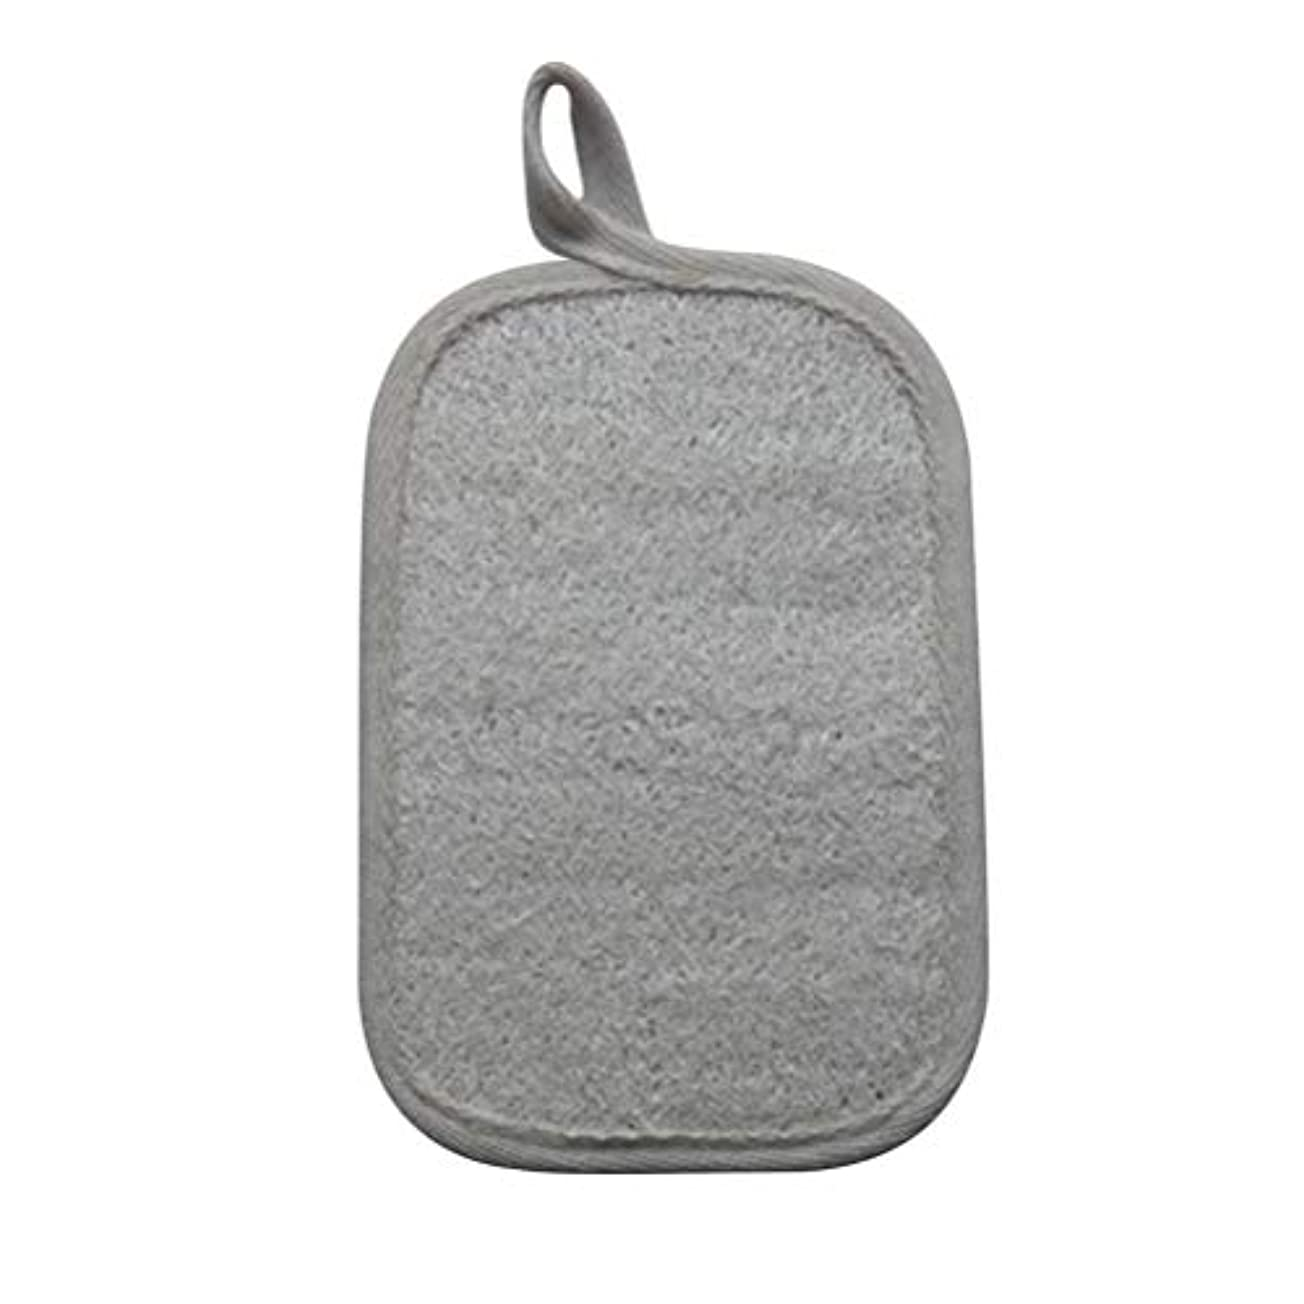 遠い謙虚吐き出すHealifty シャワーのための自然なLoofahのスポンジパッドの風呂の剥離のスポンジのスクラバーのブラシ